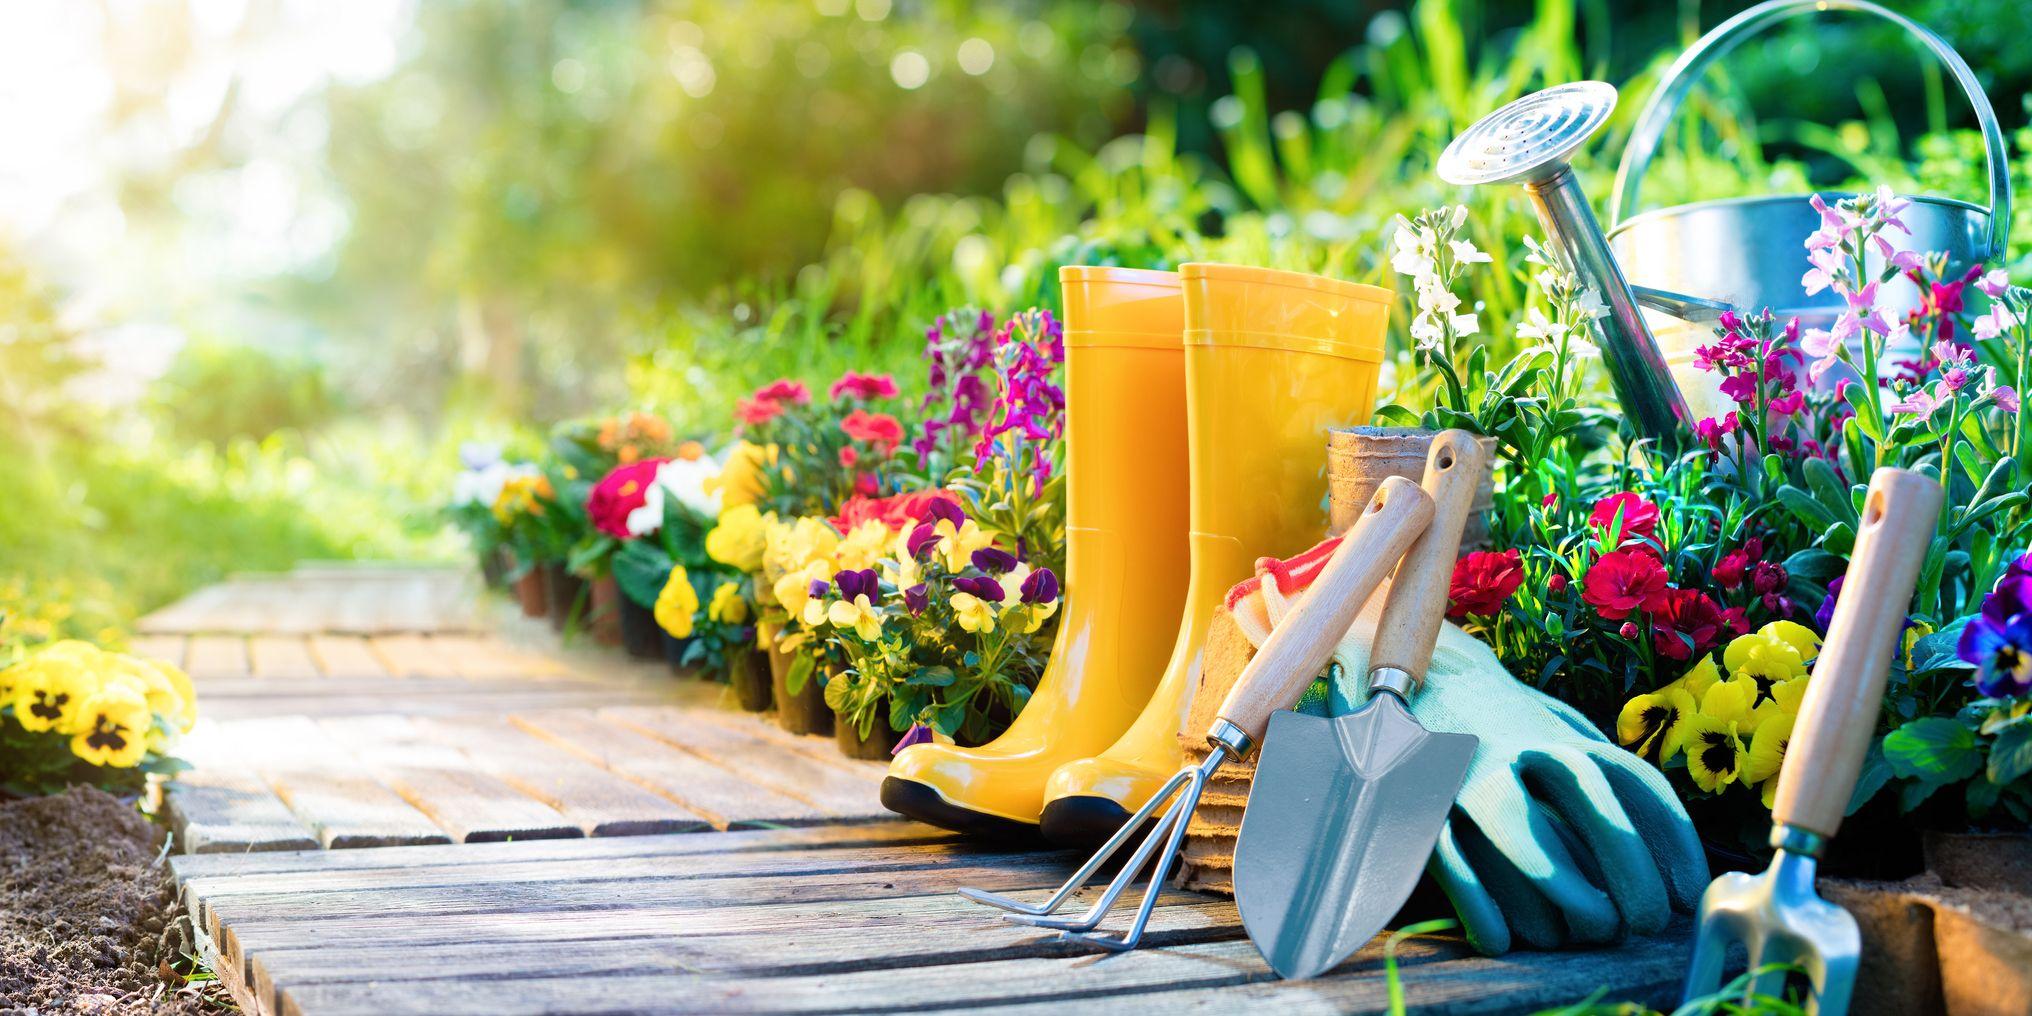 Calendarul grădinarului în mai